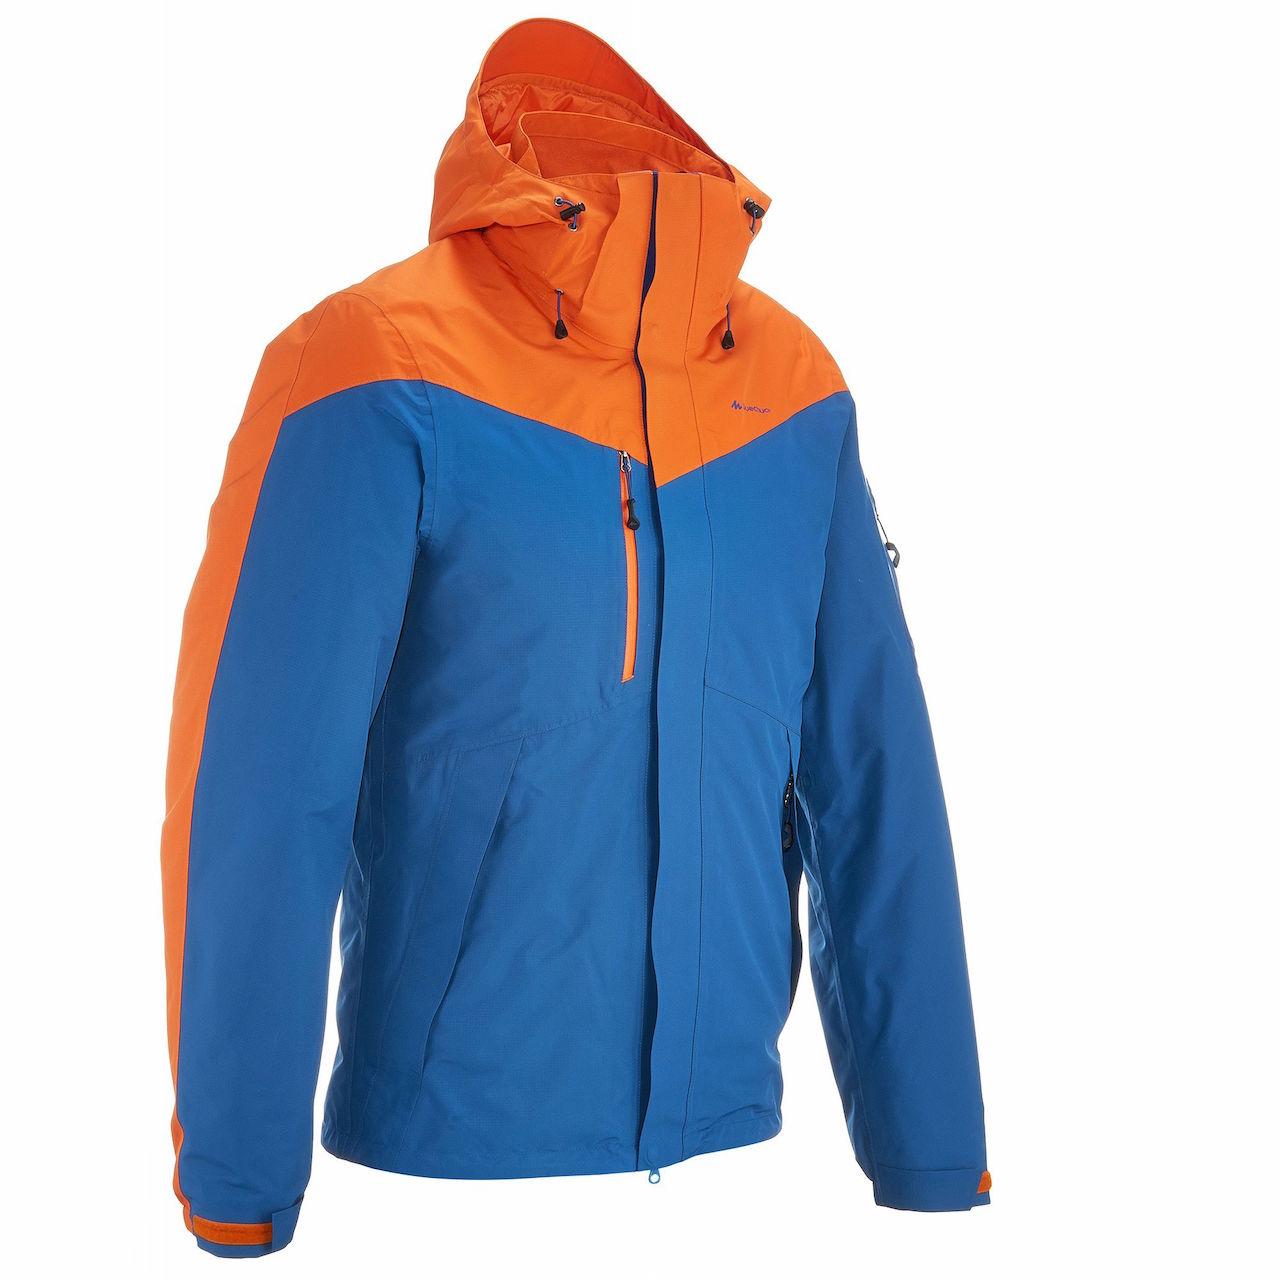 Forclaz 200 3-in-1 Men's Hiking Rain Jacket